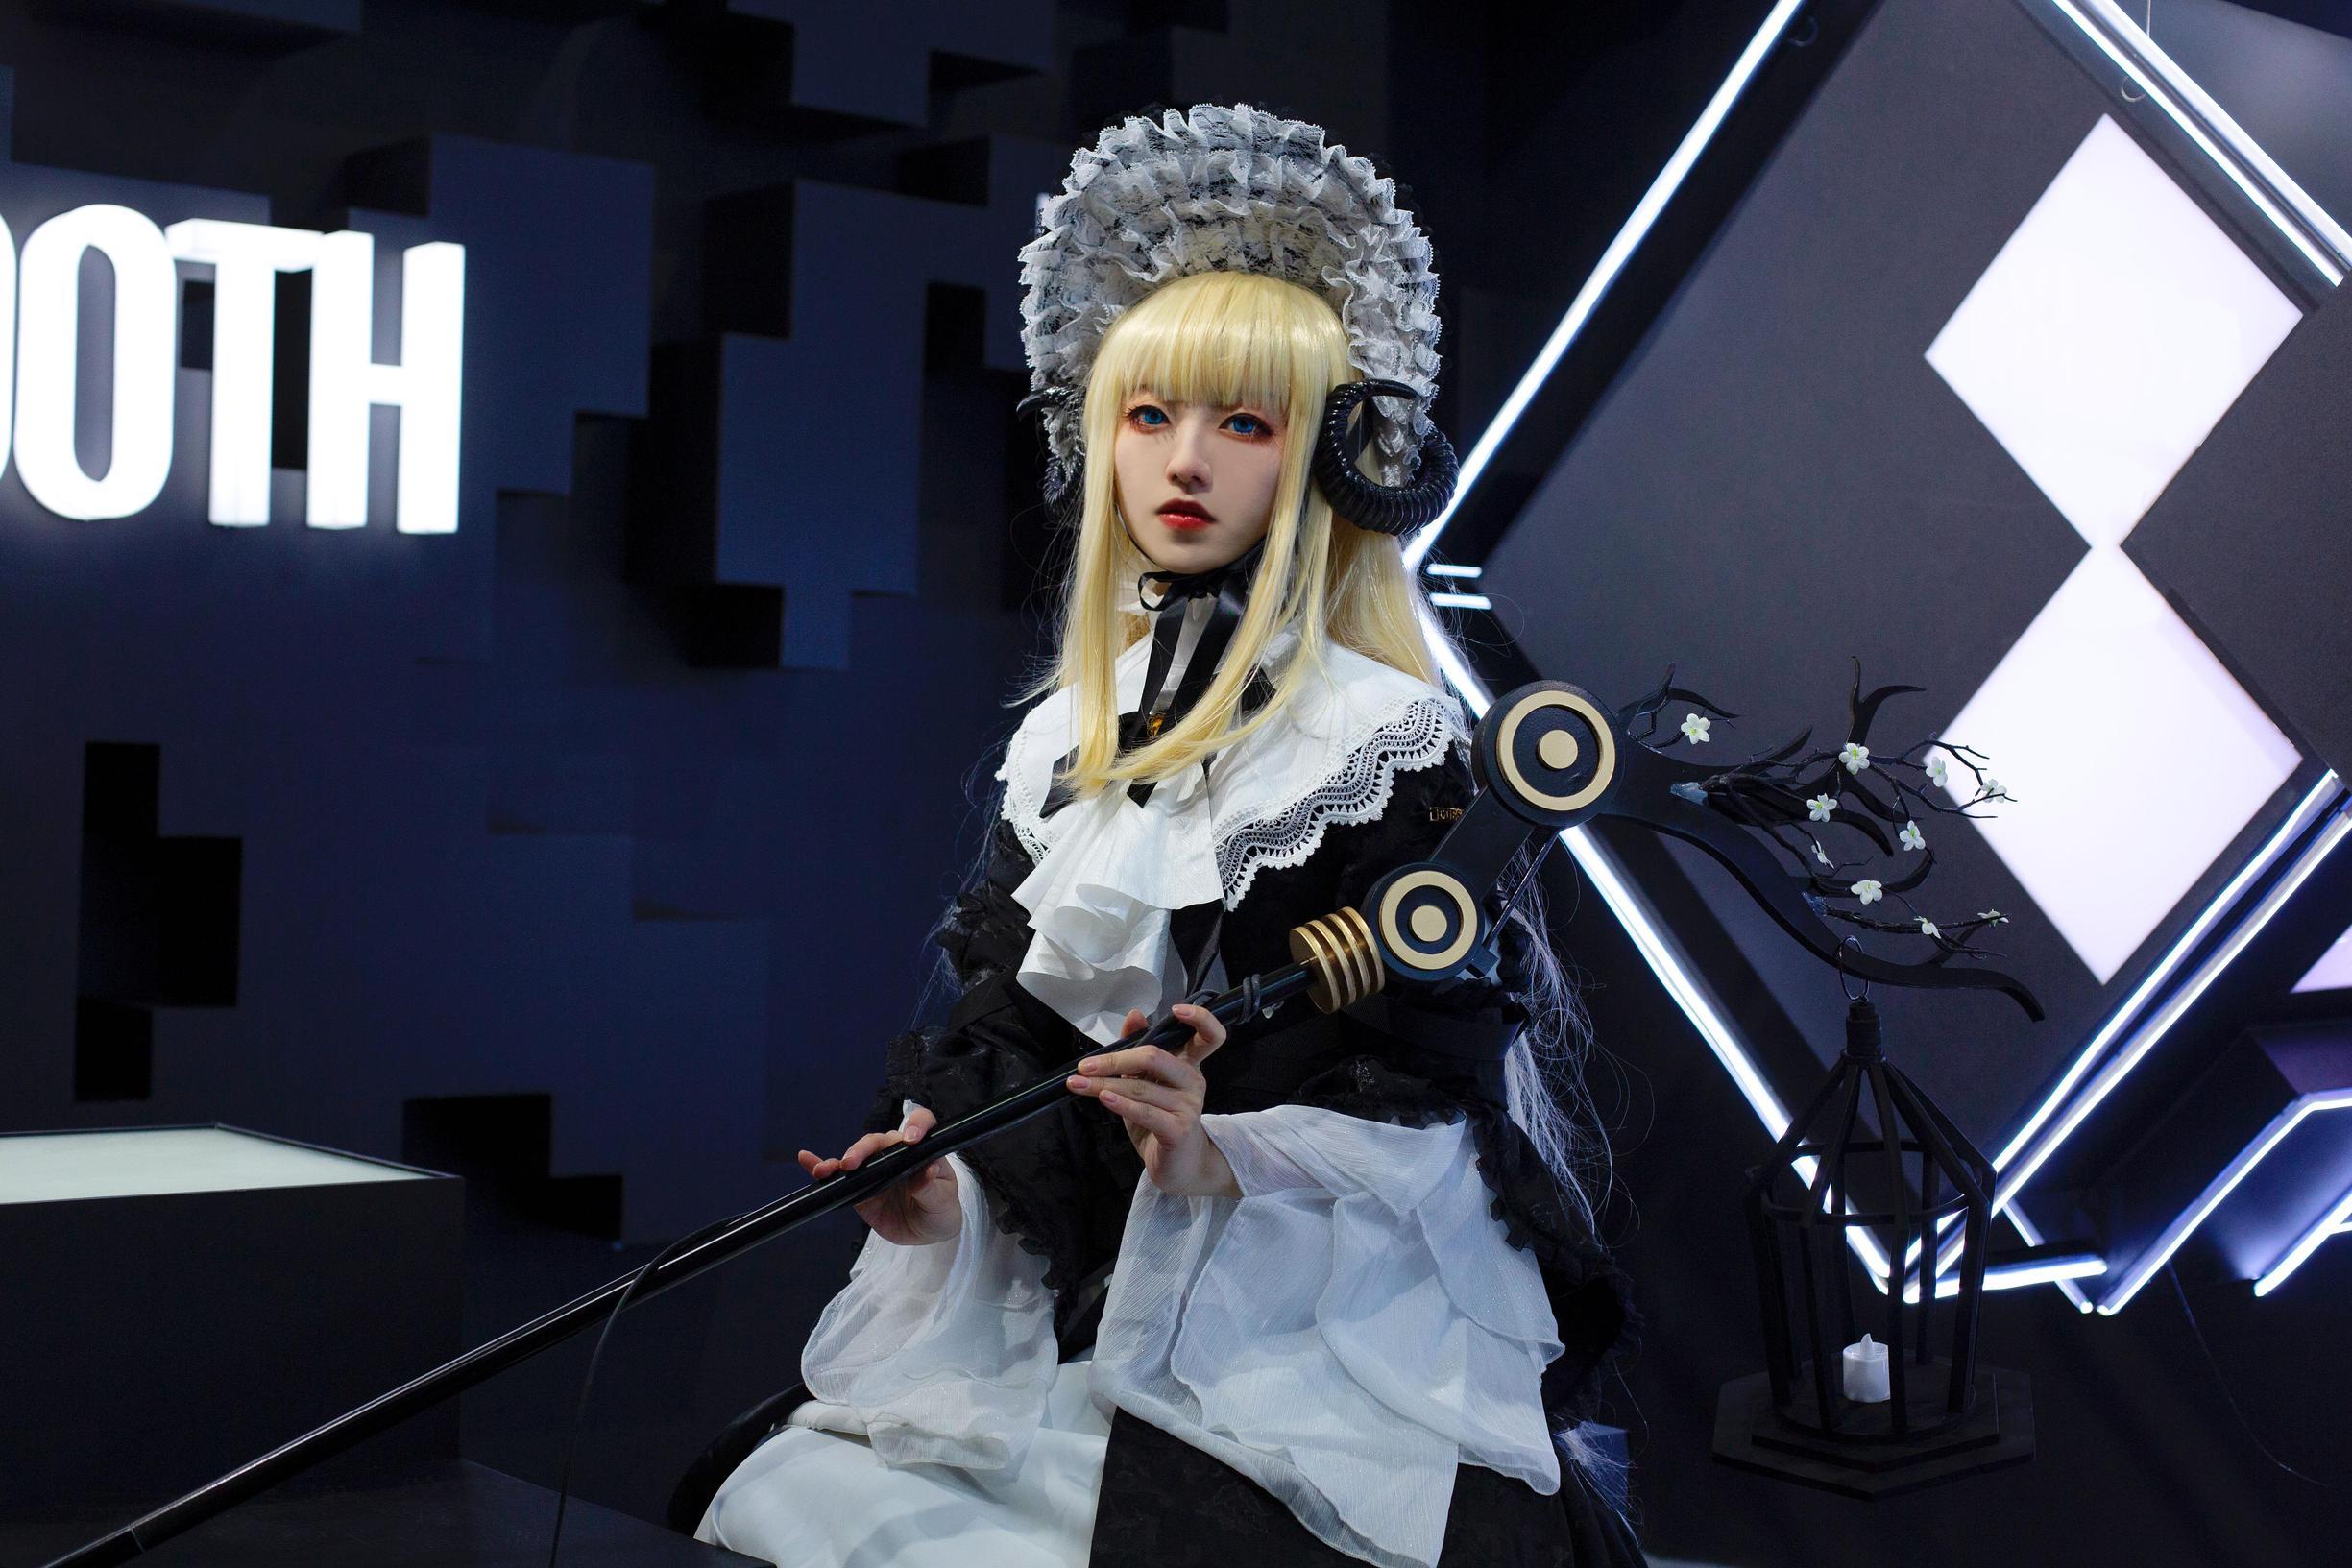 《明日方舟》漫展cosplay【CN:先早】-第9张